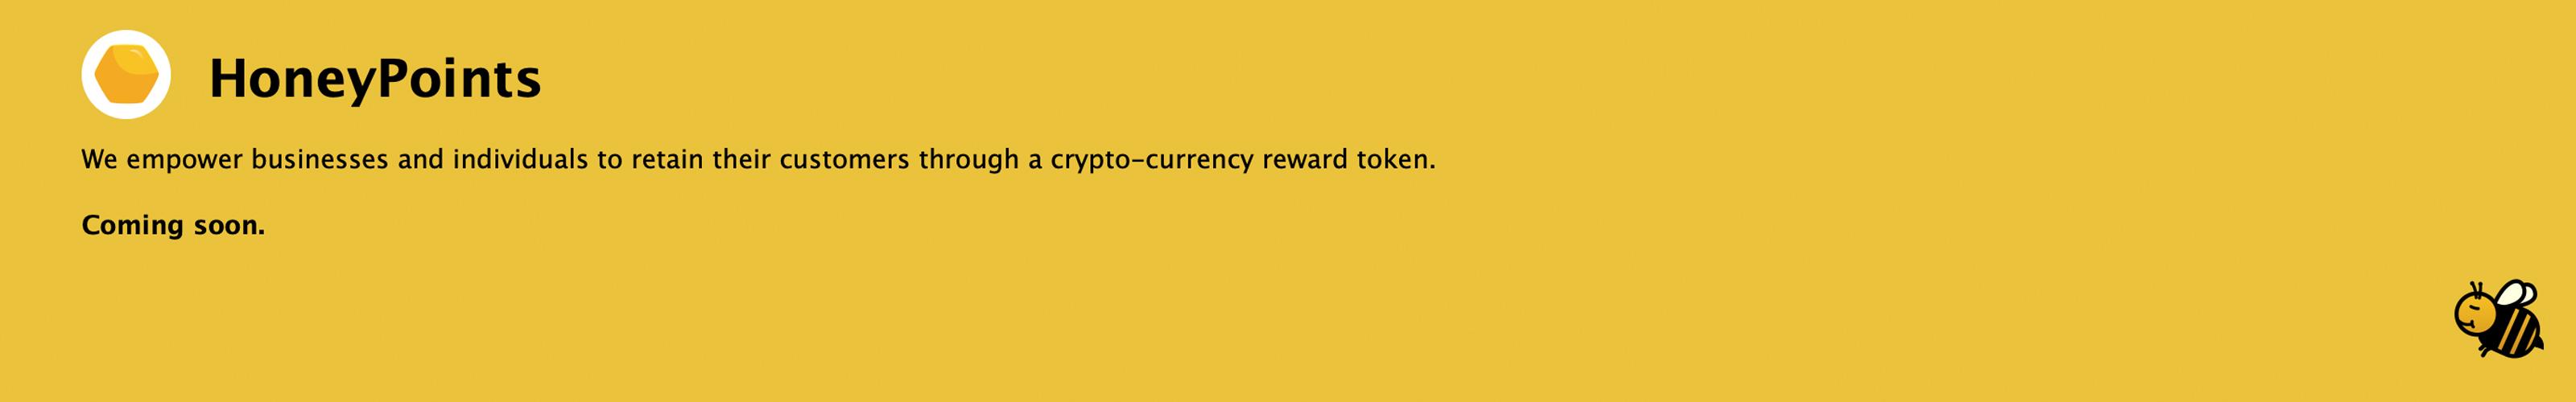 Developer Reveals Token Reward Platform Fueled by Bitcoin Cash